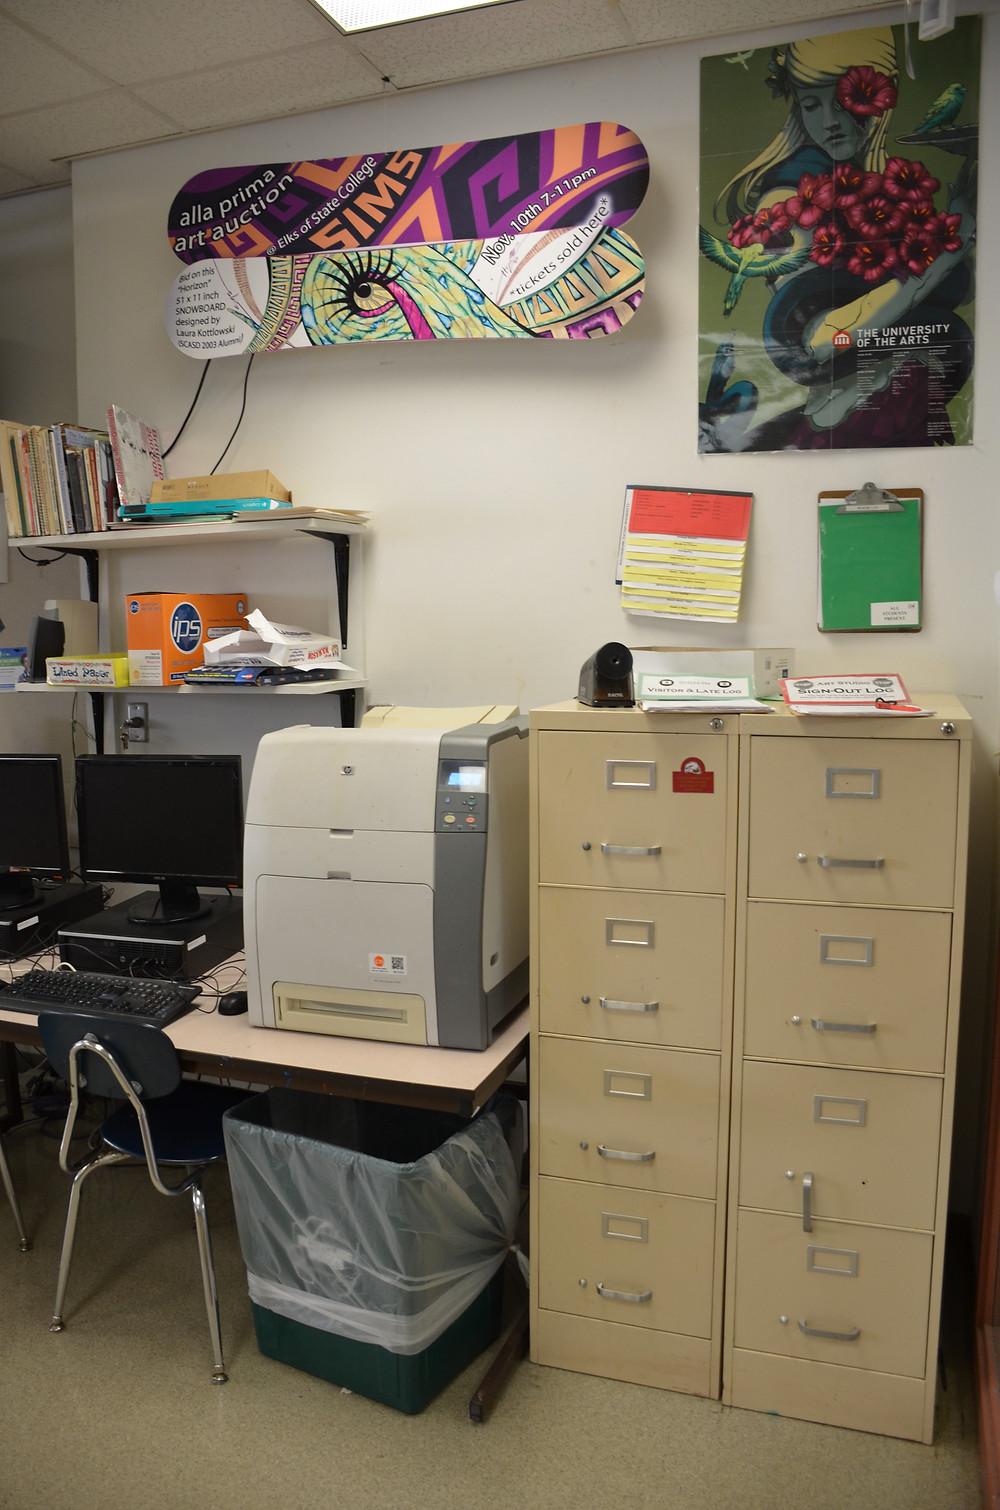 Image by Alison Bongiorno, Student Computer Area